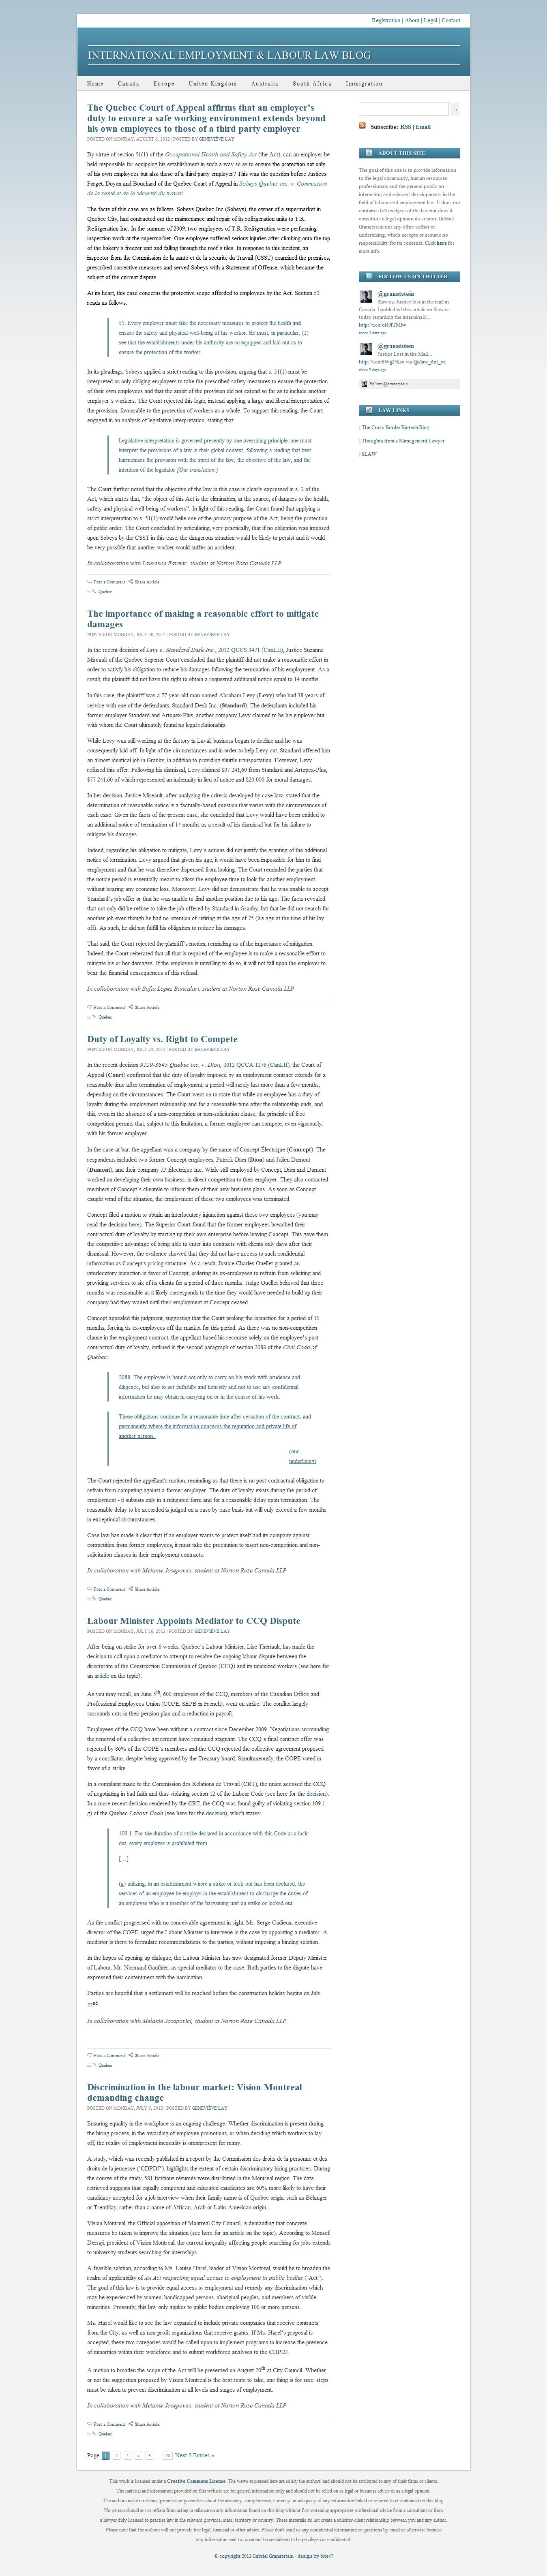 employmentblog.png